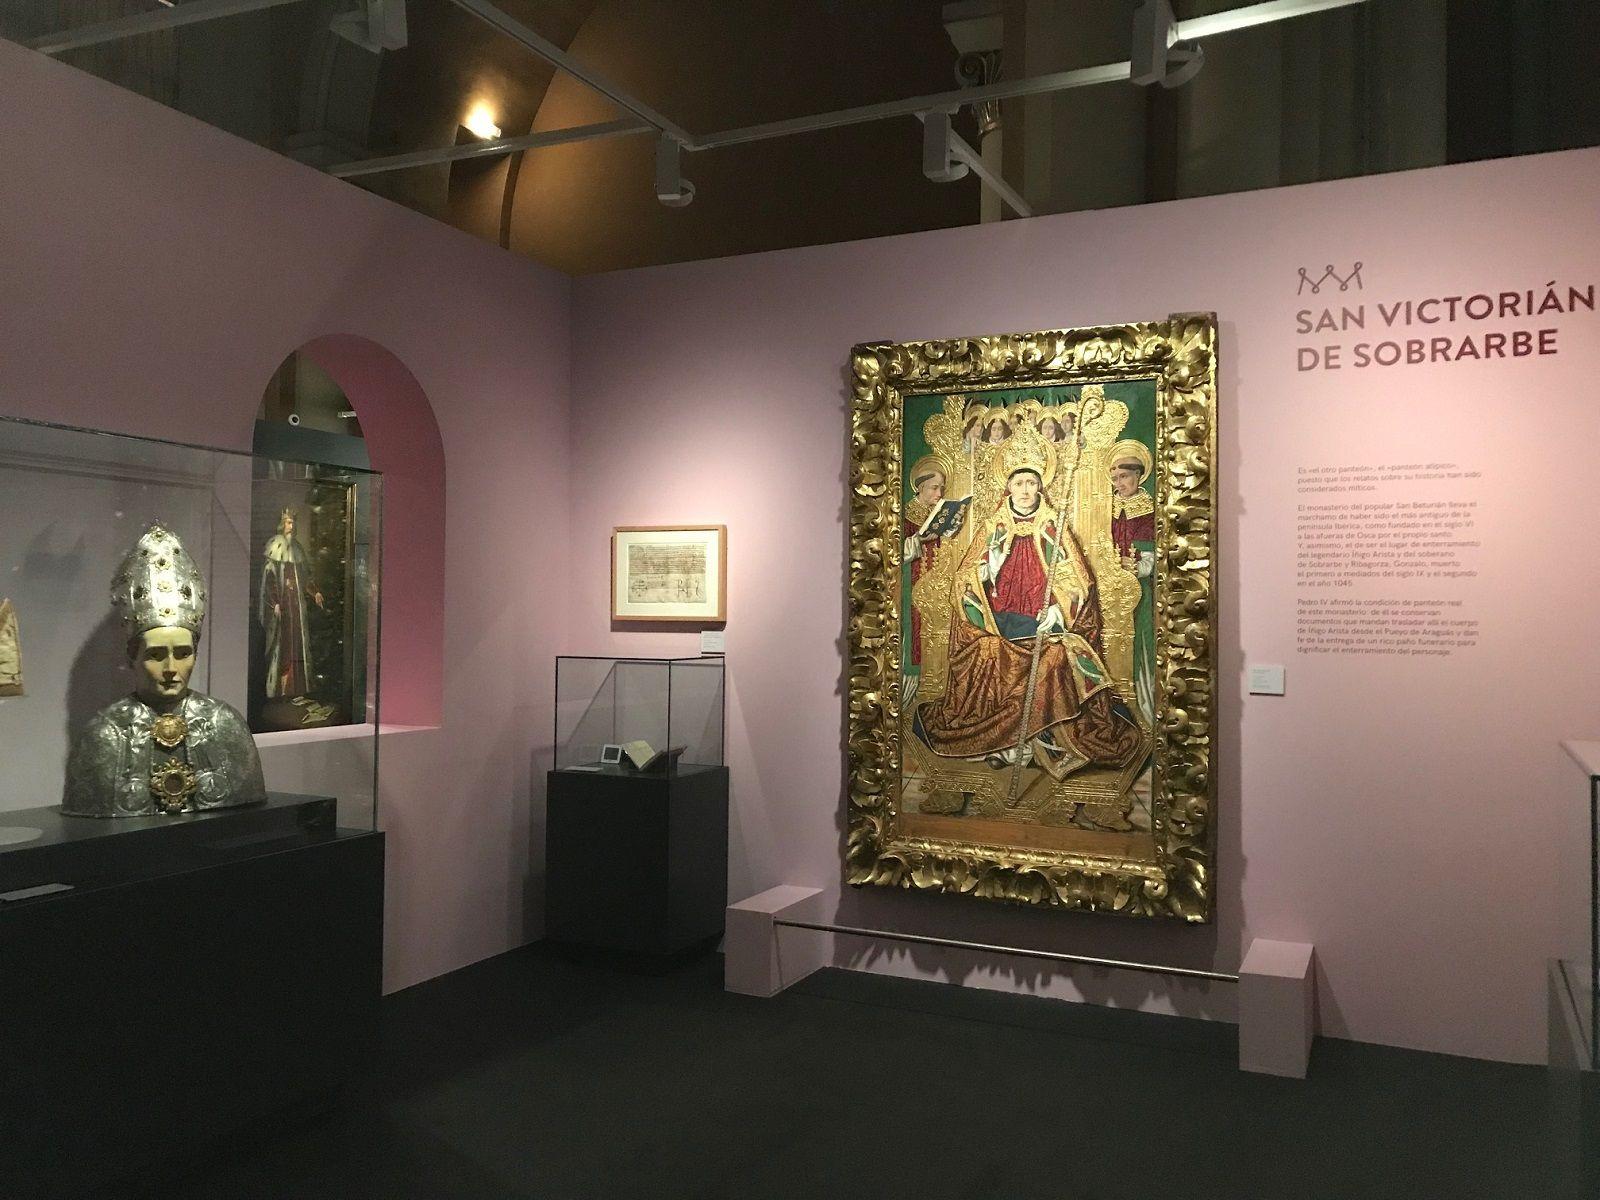 San Victorián de Sobrarbe presente en la exposición.